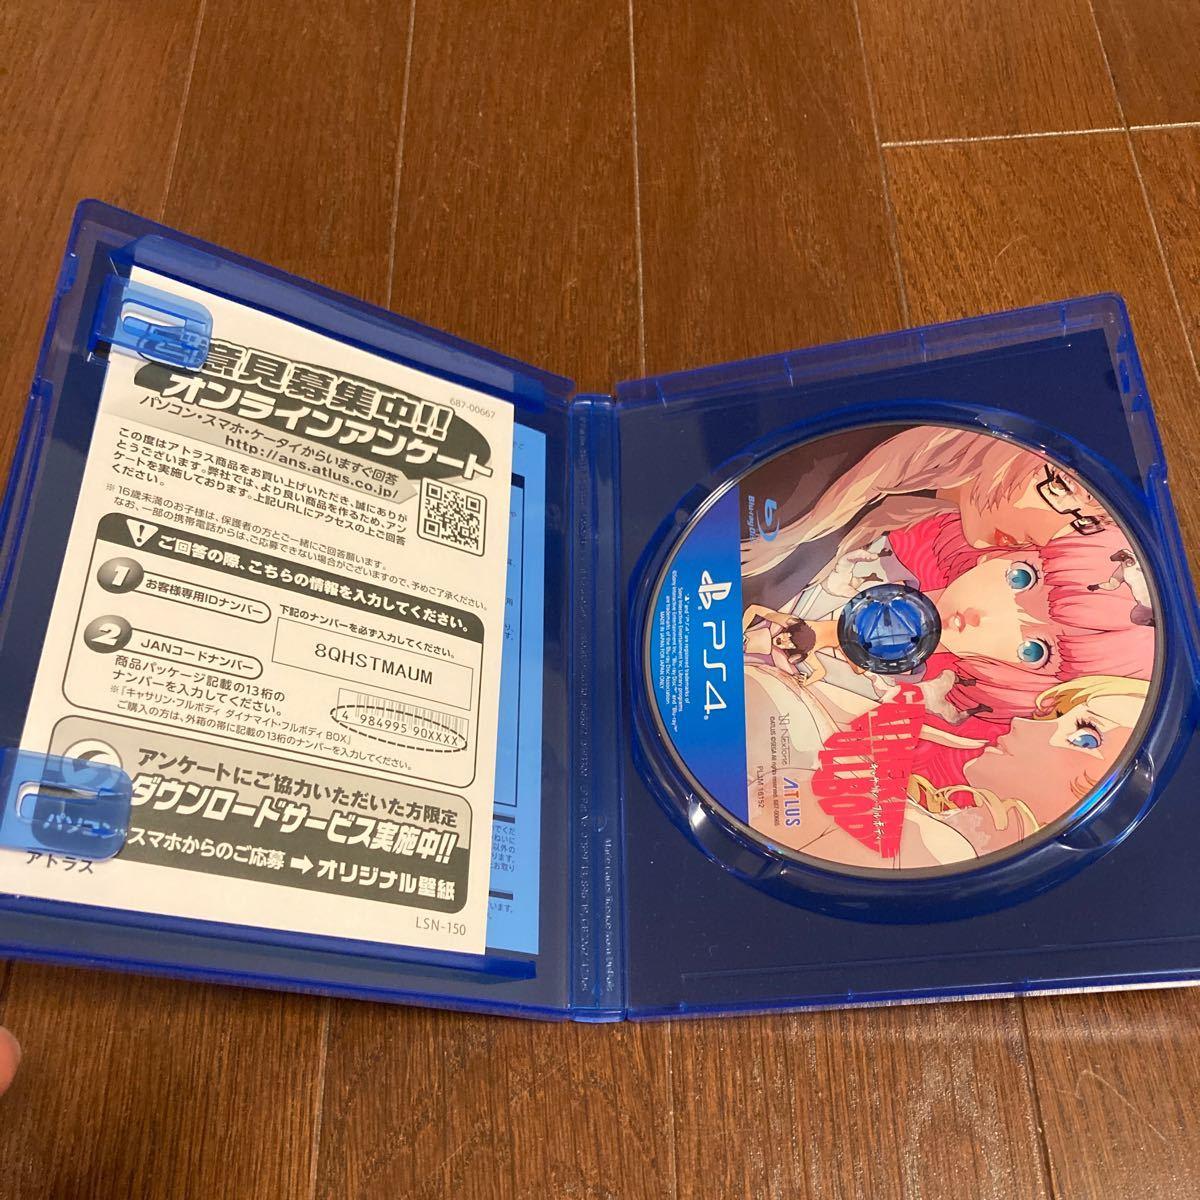 キャサリンフルボディ PS4